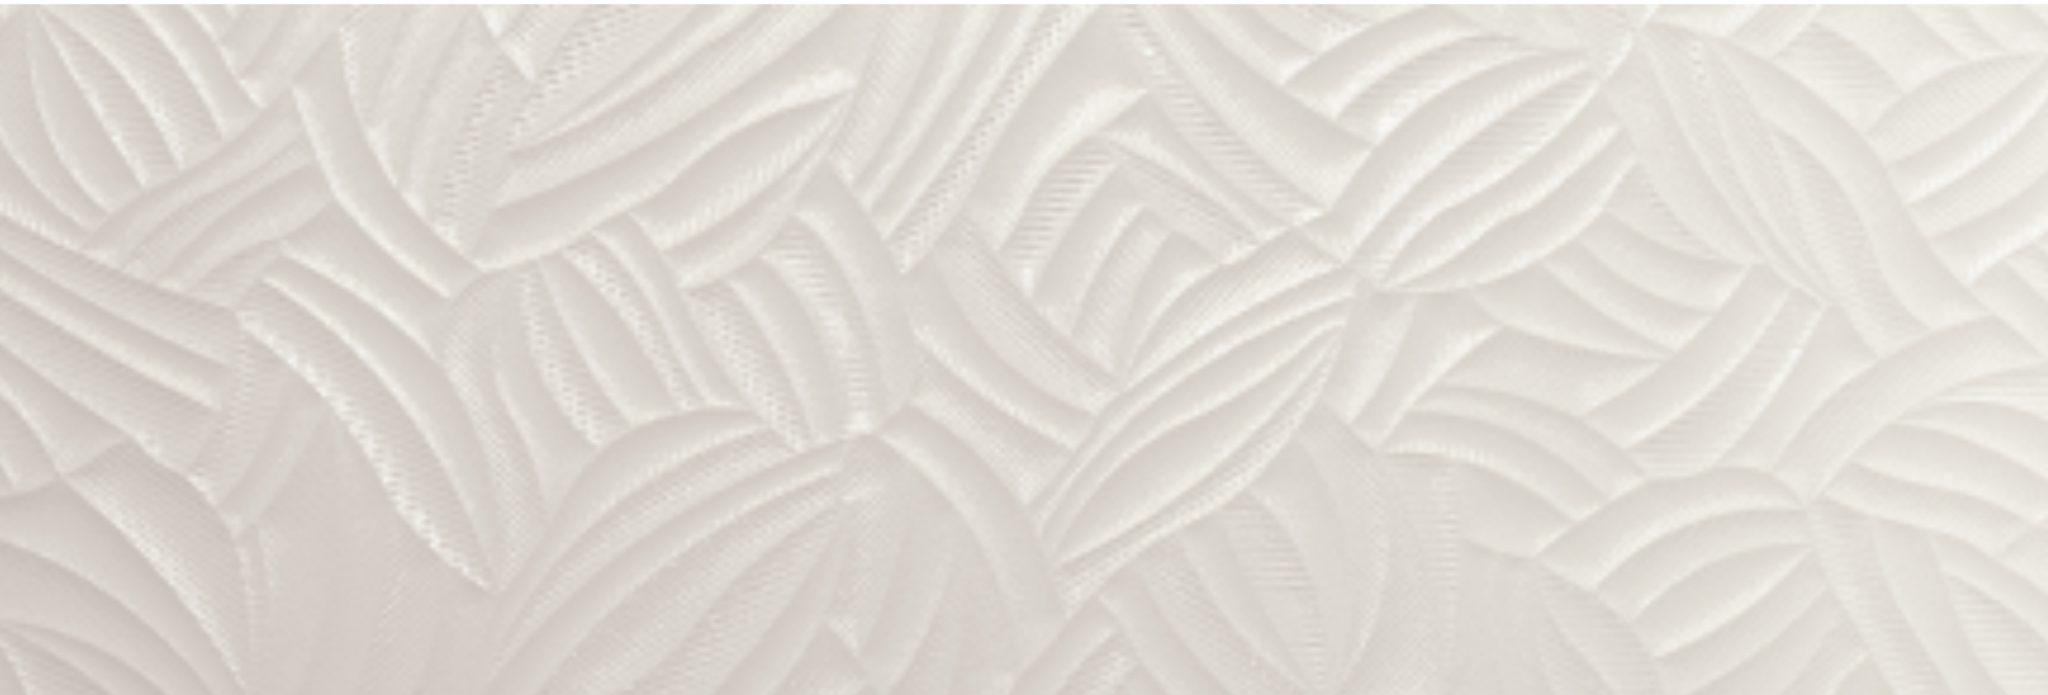 קרמיקה חיפוי קירות NEWKER -SHNE GARDEN WHITE - 209201- תוצרת ספרד